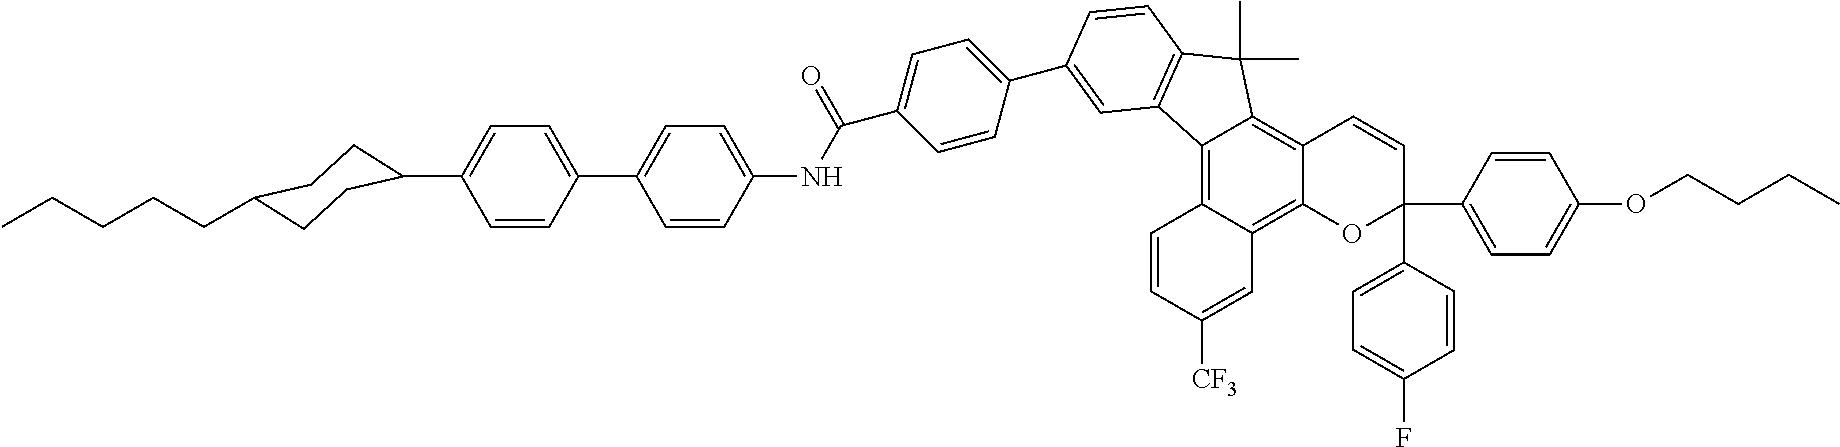 Figure US08545984-20131001-C00039